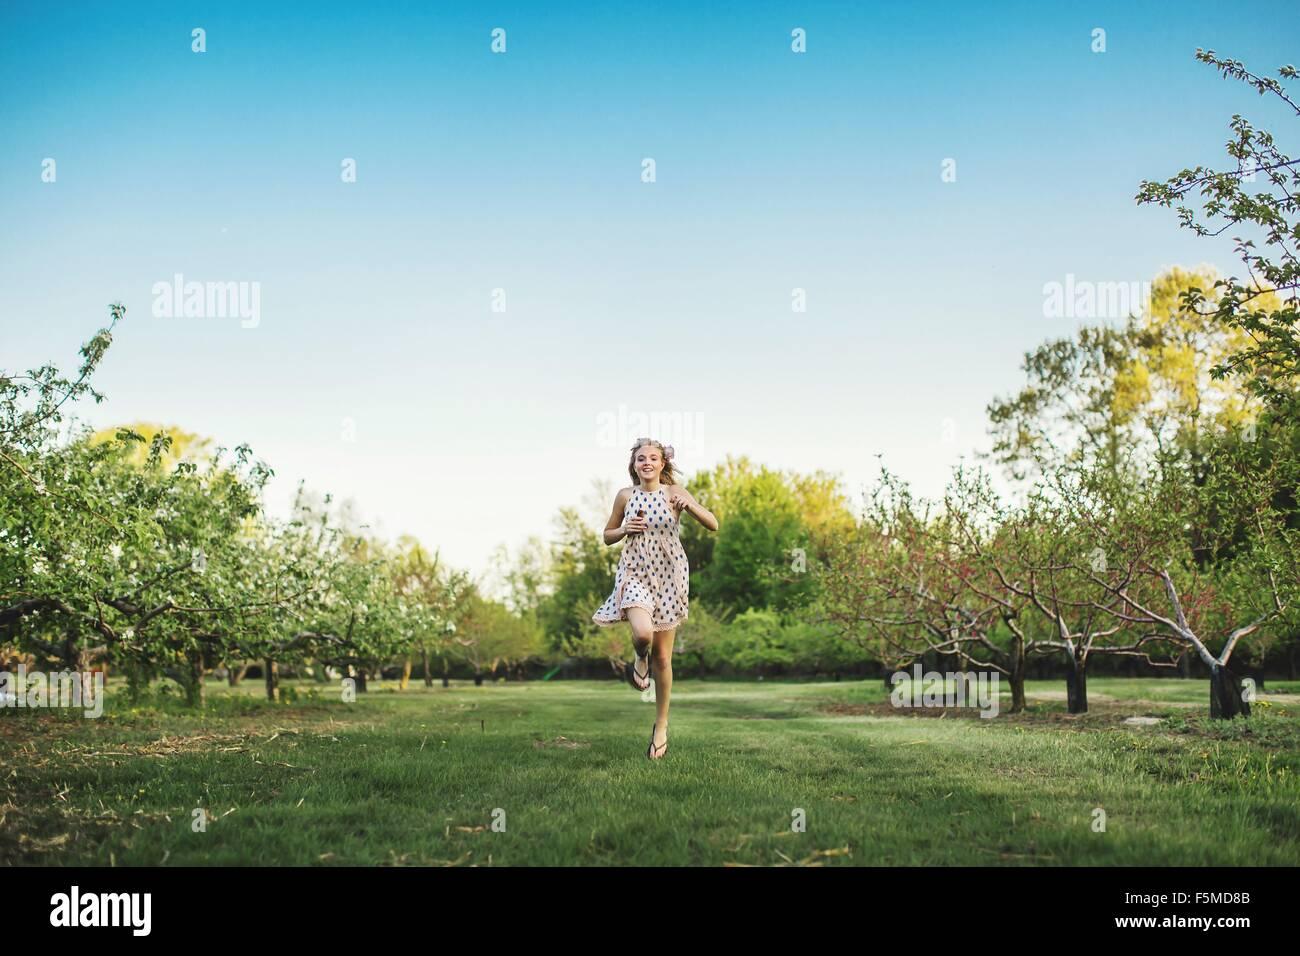 Vista frontal de la longitud completa de la joven mujer vistiendo camisetas sin mangas vestido corriendo a través Imagen De Stock